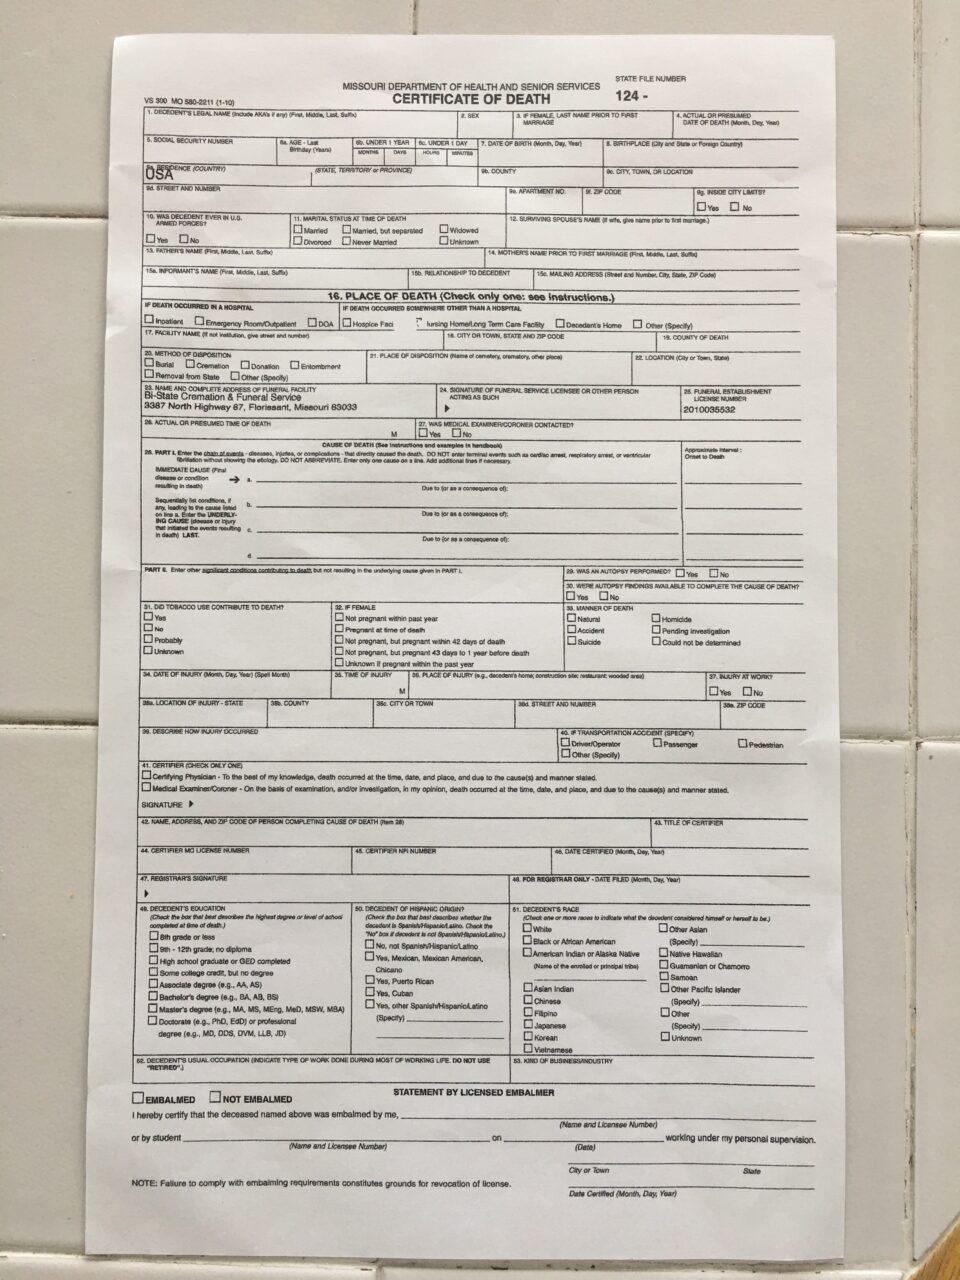 Missouri death certificate